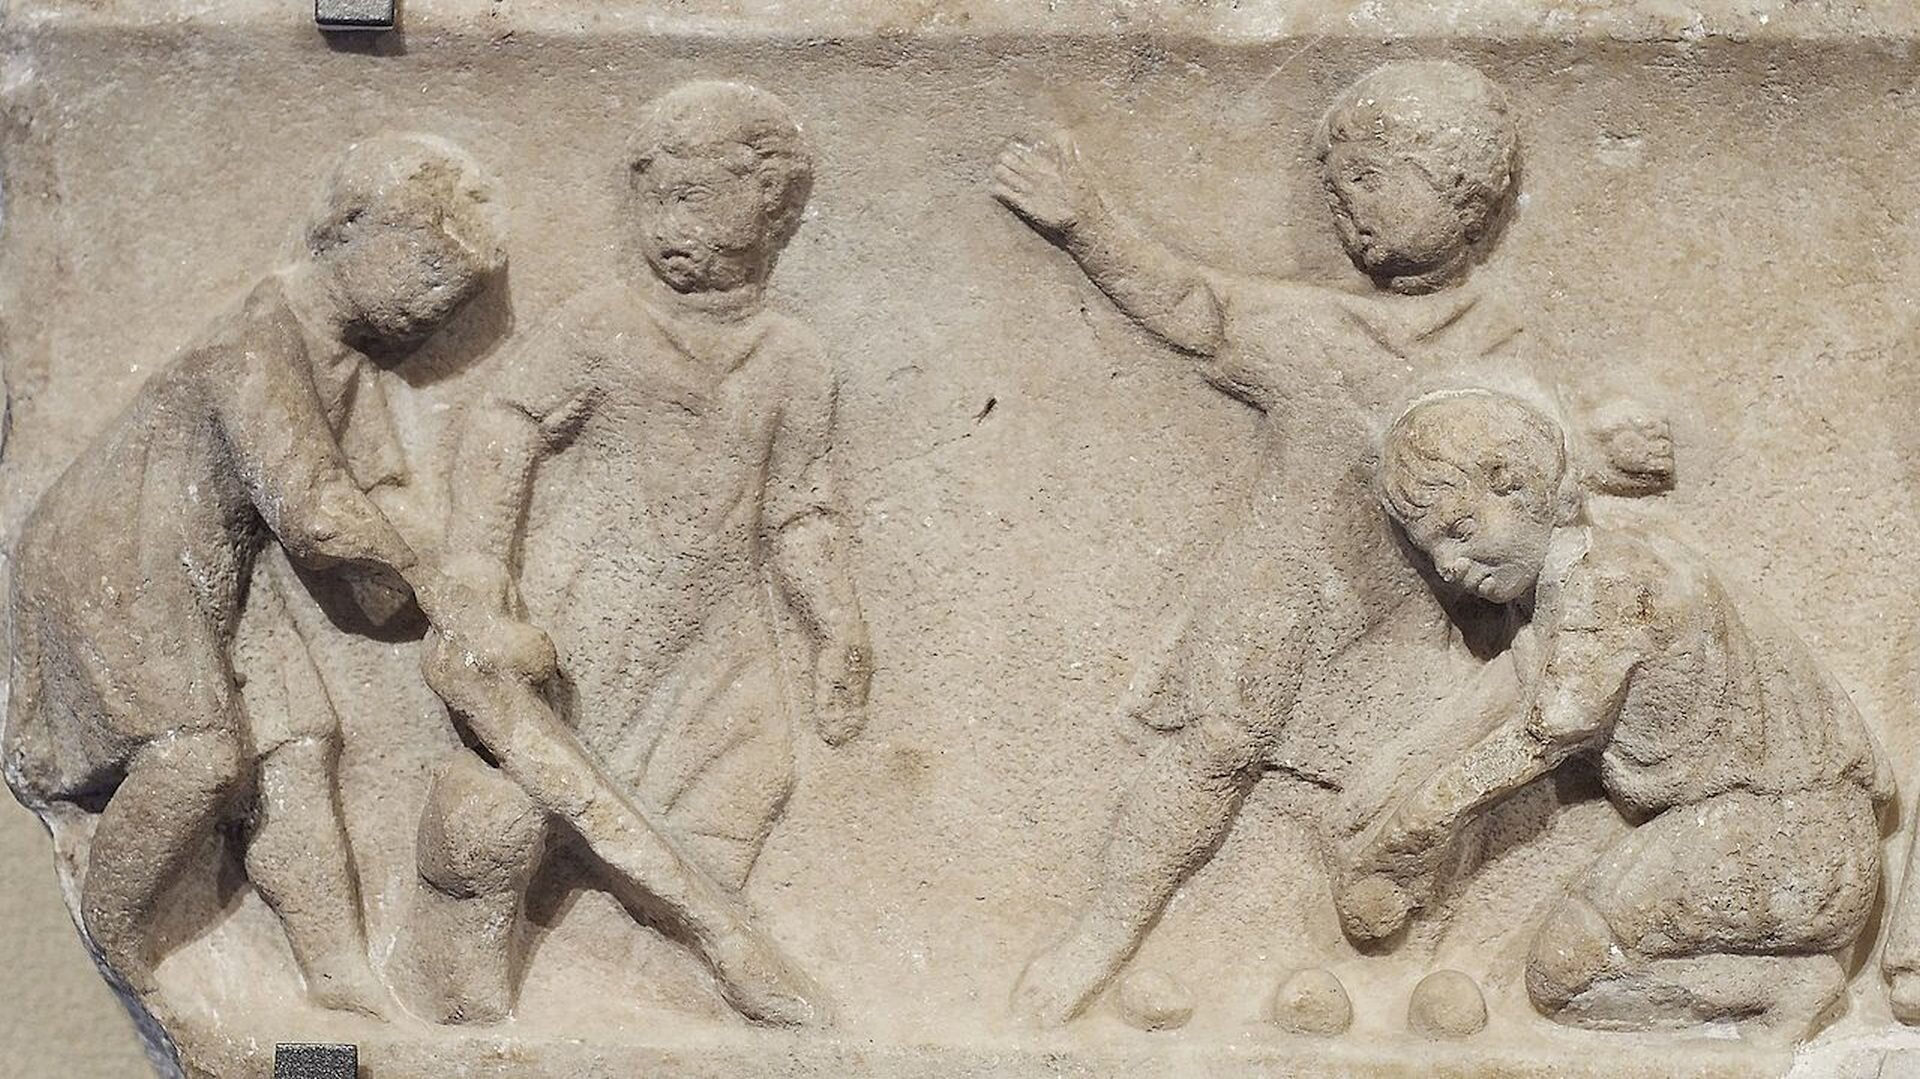 Relief nieznanego autora przedstawia czworo chłopców grających wpiłkę. Trzech znich stoi, jeden klęczy iukłada piłki na ziemi. Płaskorzeźba została wykonana na ścianie budynku.